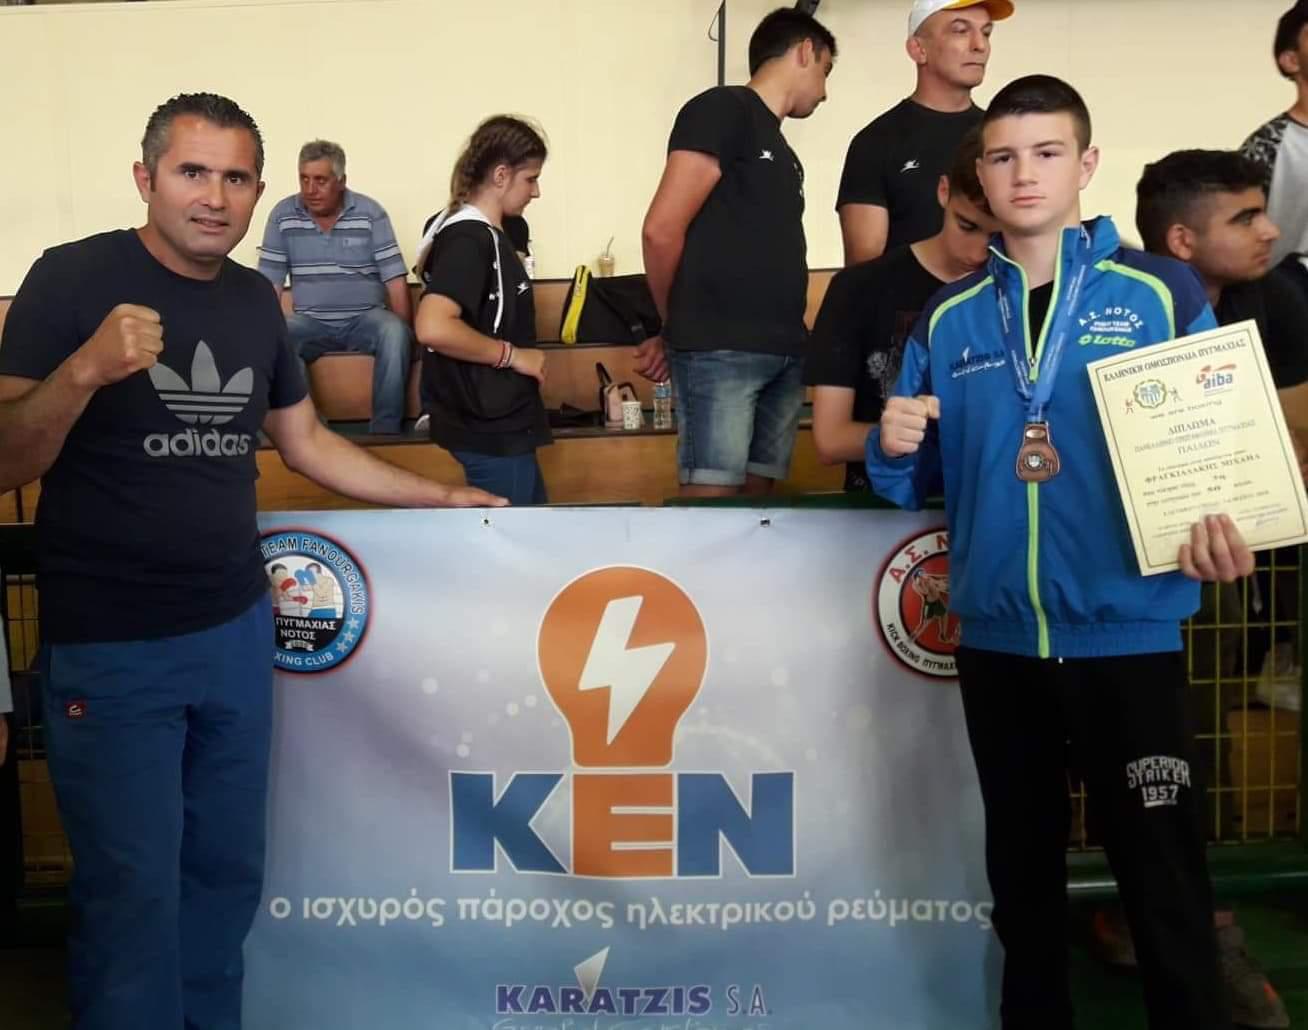 Στην Κύπρο ο ταλαντούχος Μιχάλης του ΑΣ ΝΟΤΟΣ